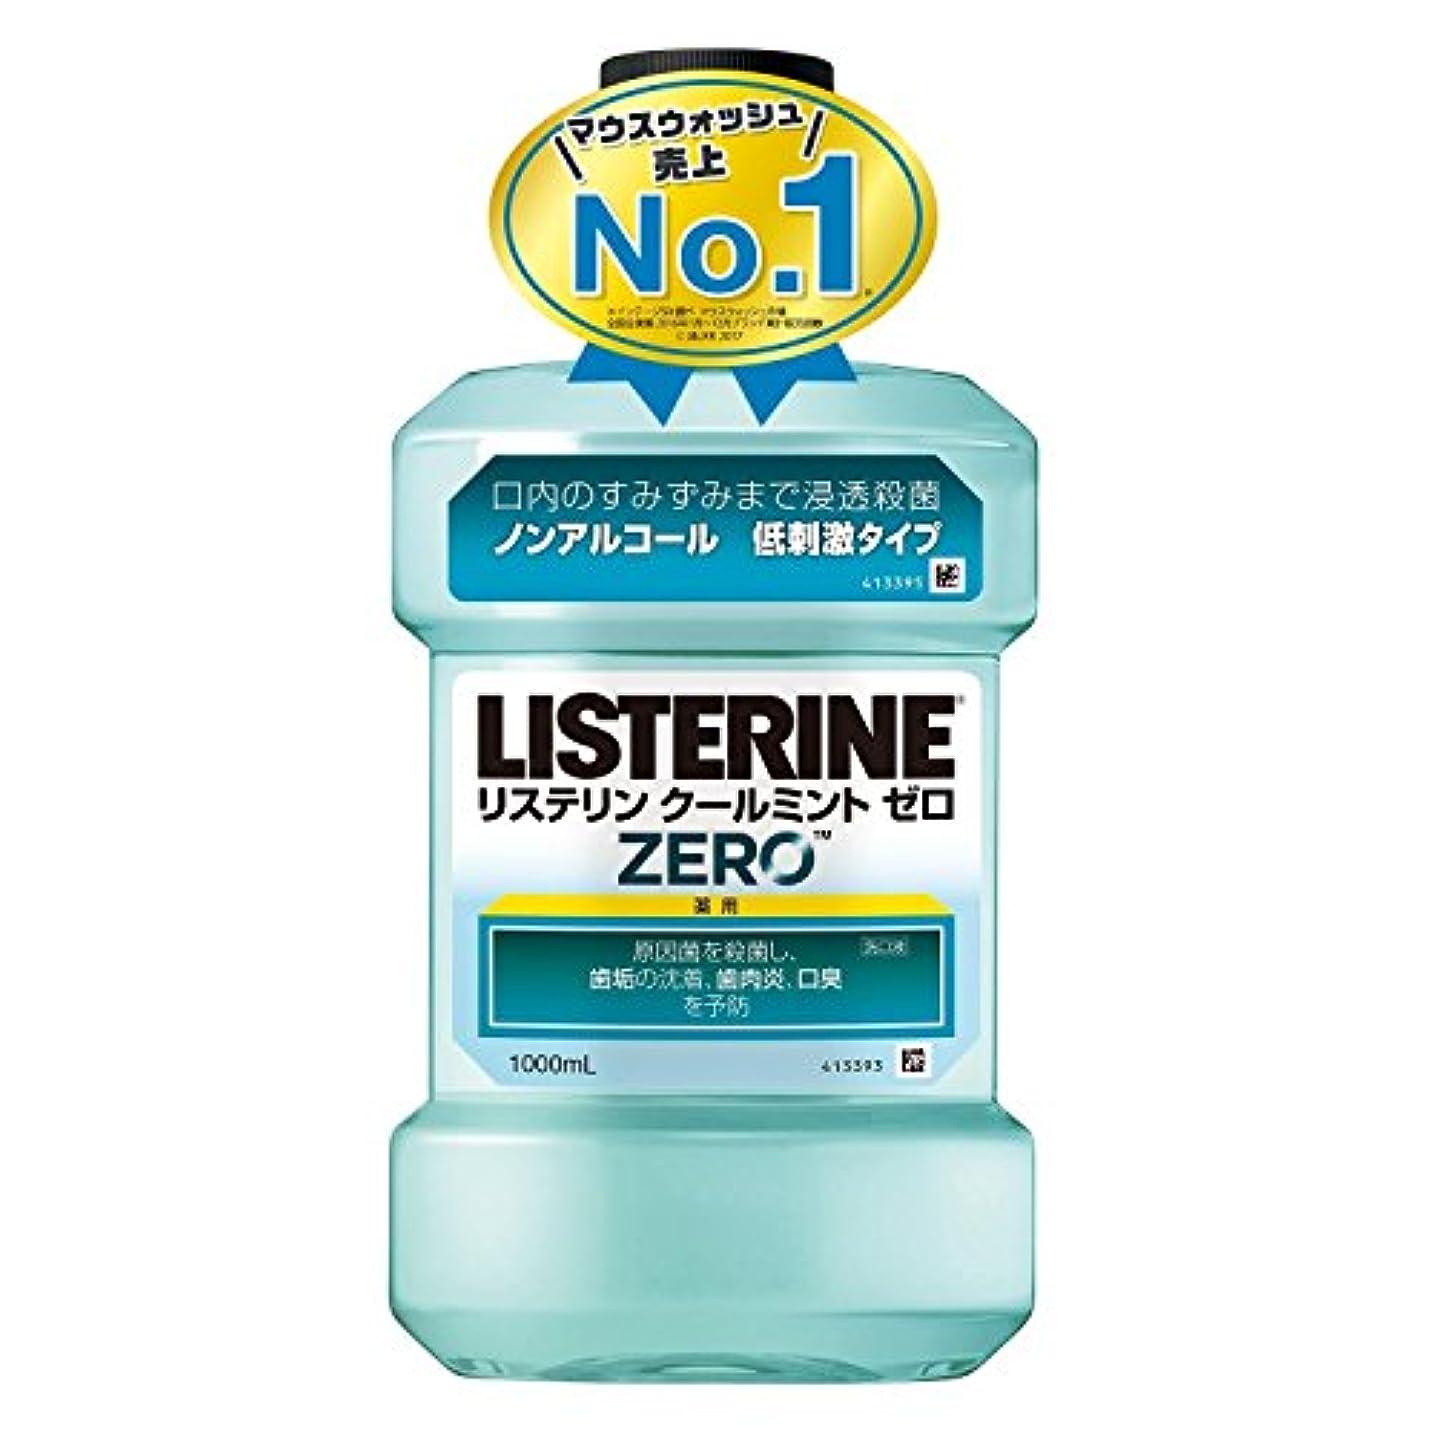 主観的石鹸ソース薬用 リステリン クールミントゼロ マウスウォッシュ 低刺激 1000mL 【医薬部外品】